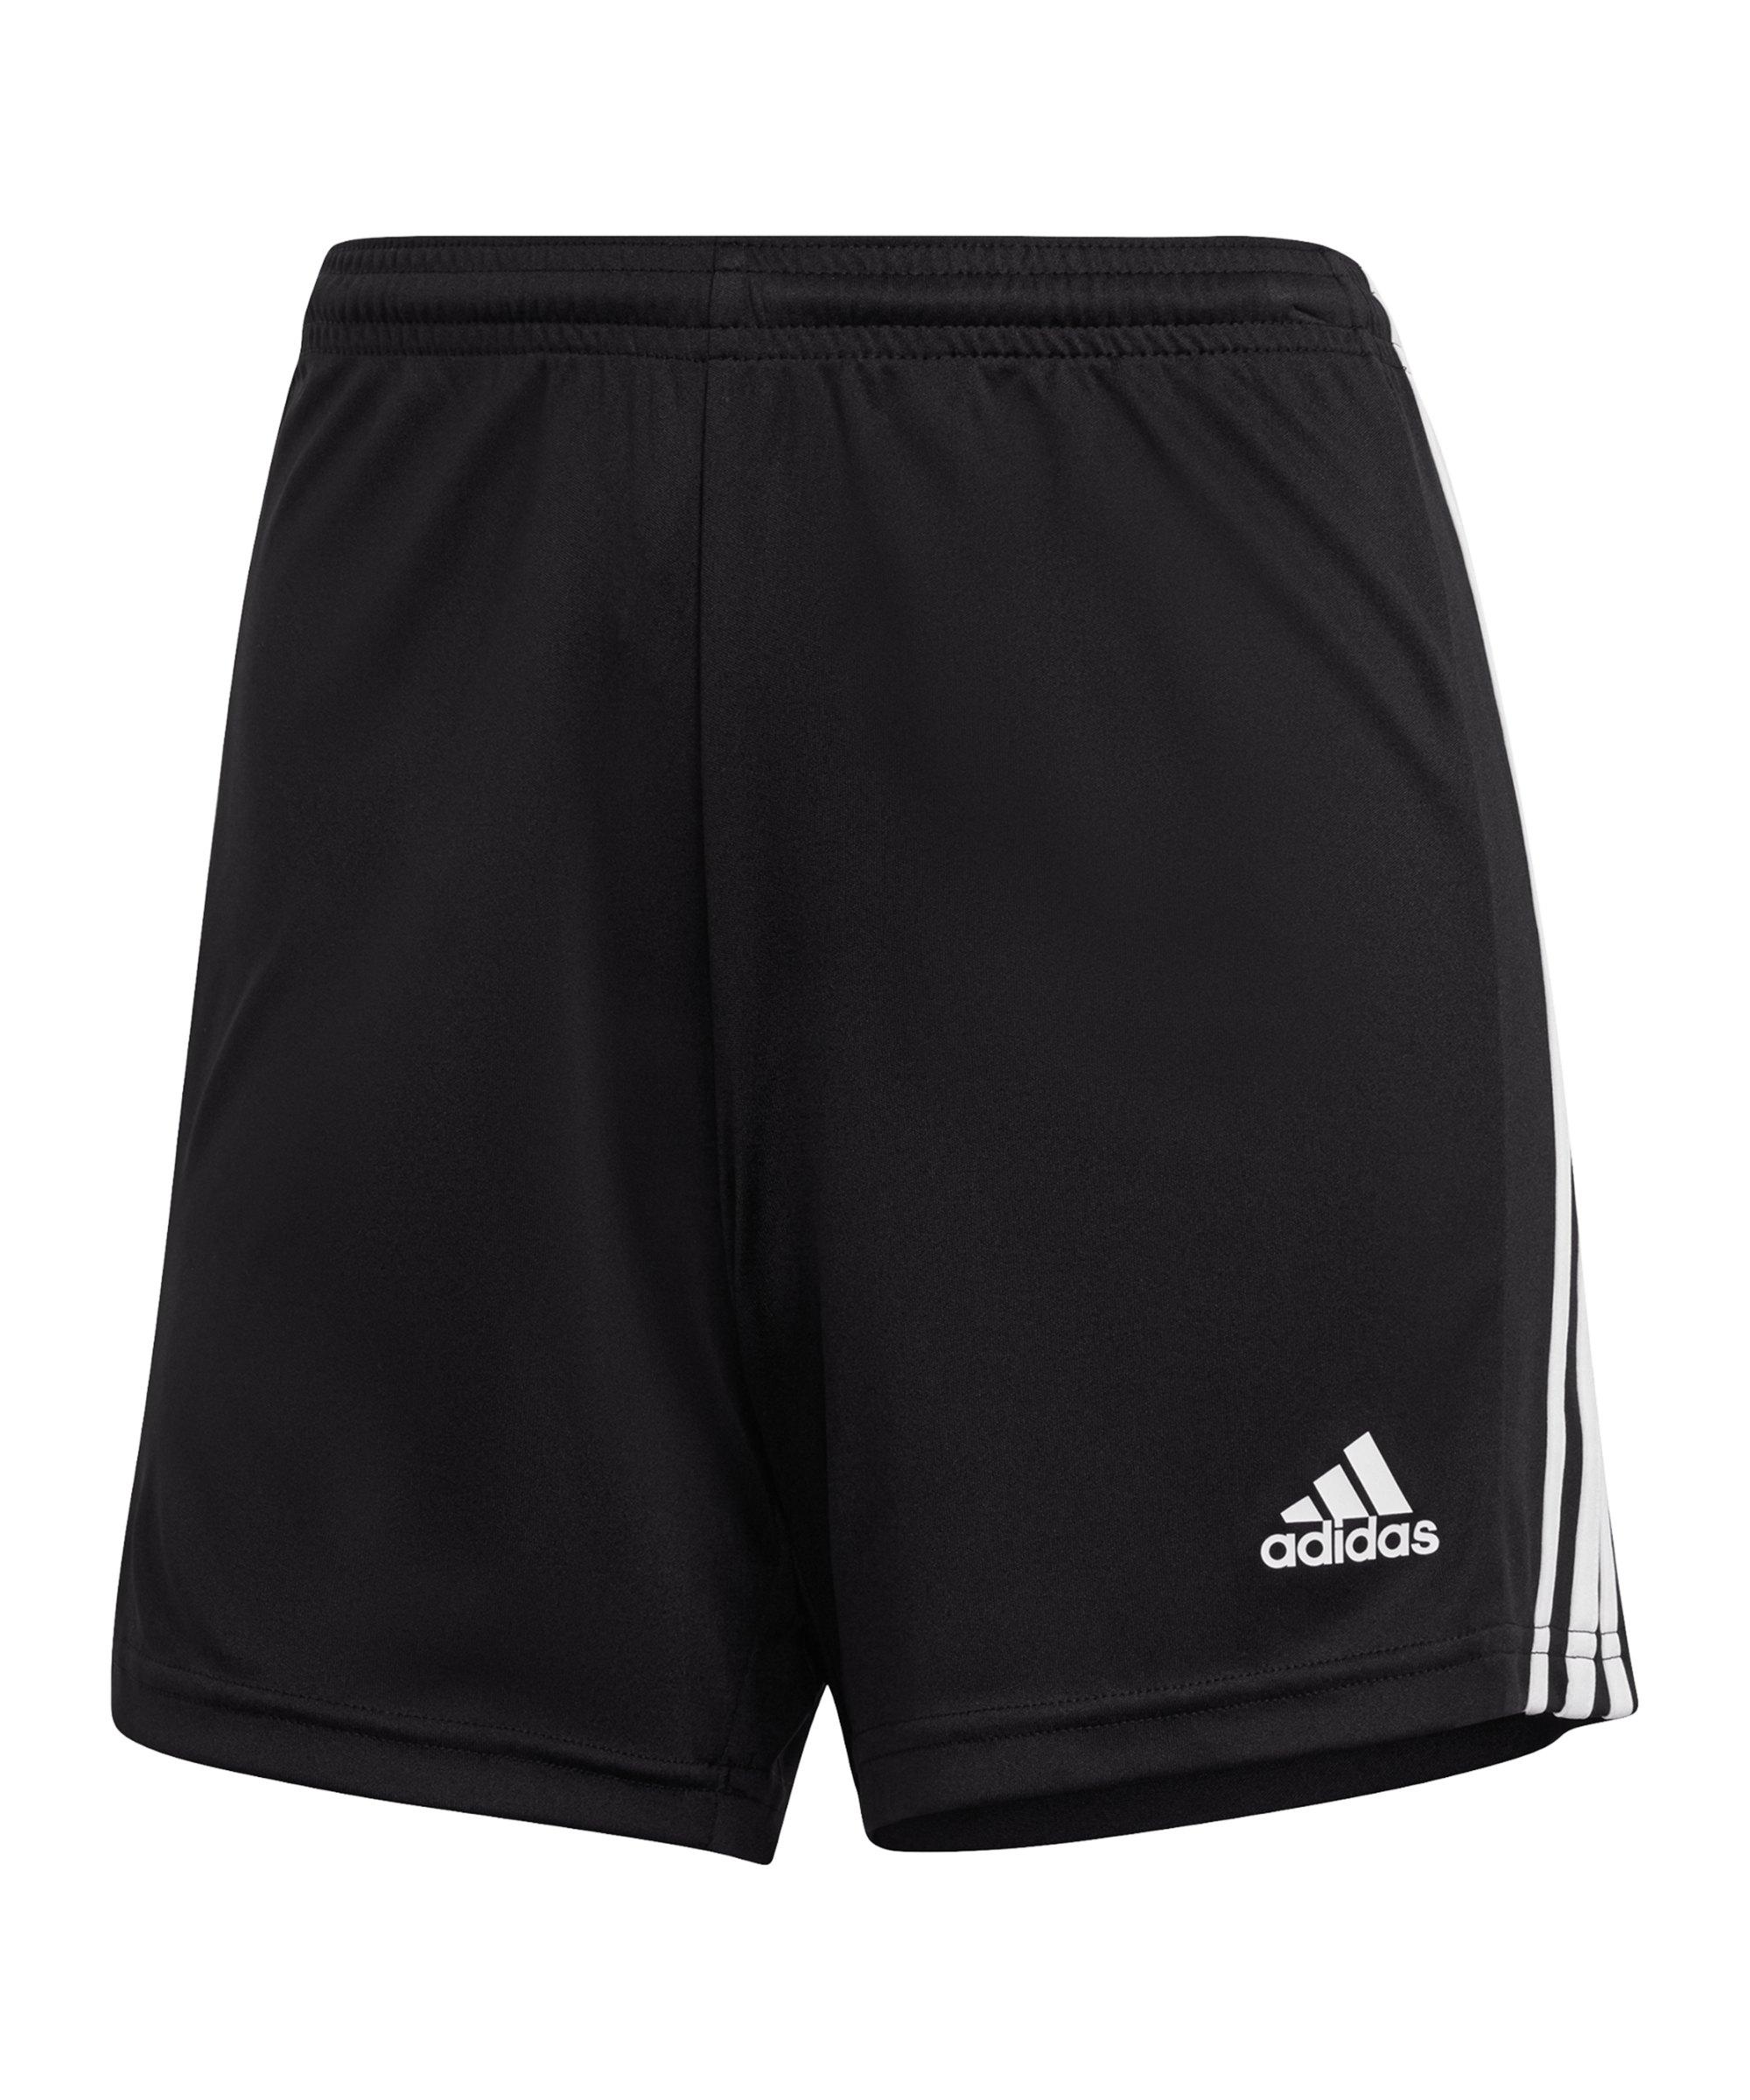 adidas Squadra 21 Short Damen Schwarz Weiss - schwarz